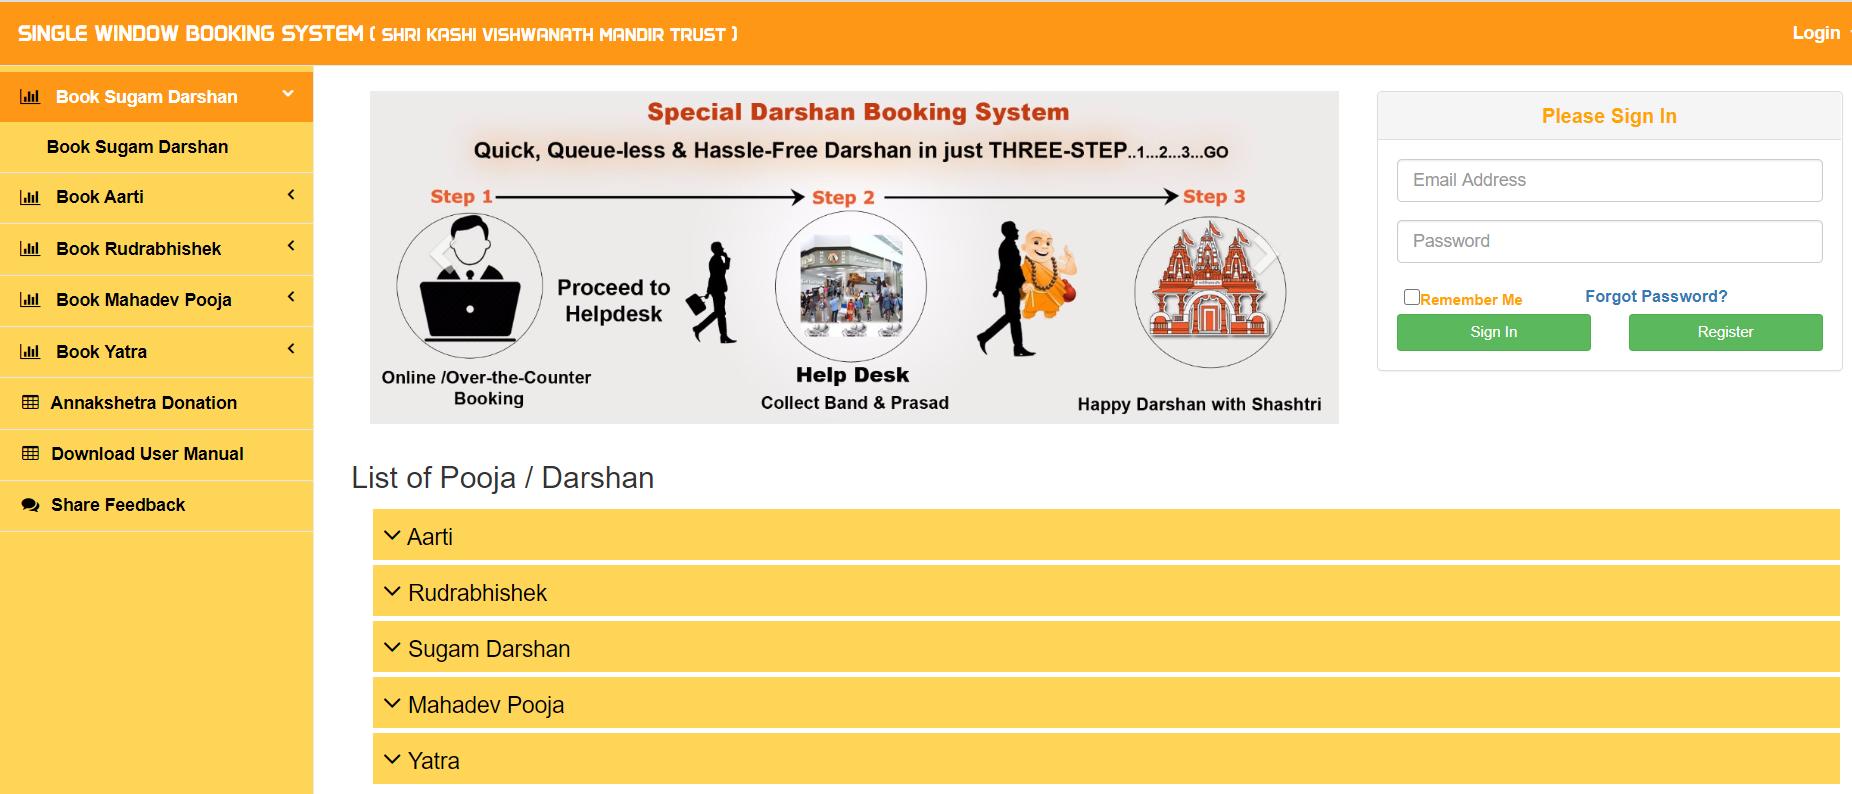 Shri Kashi Vishwanath Mandir Trust